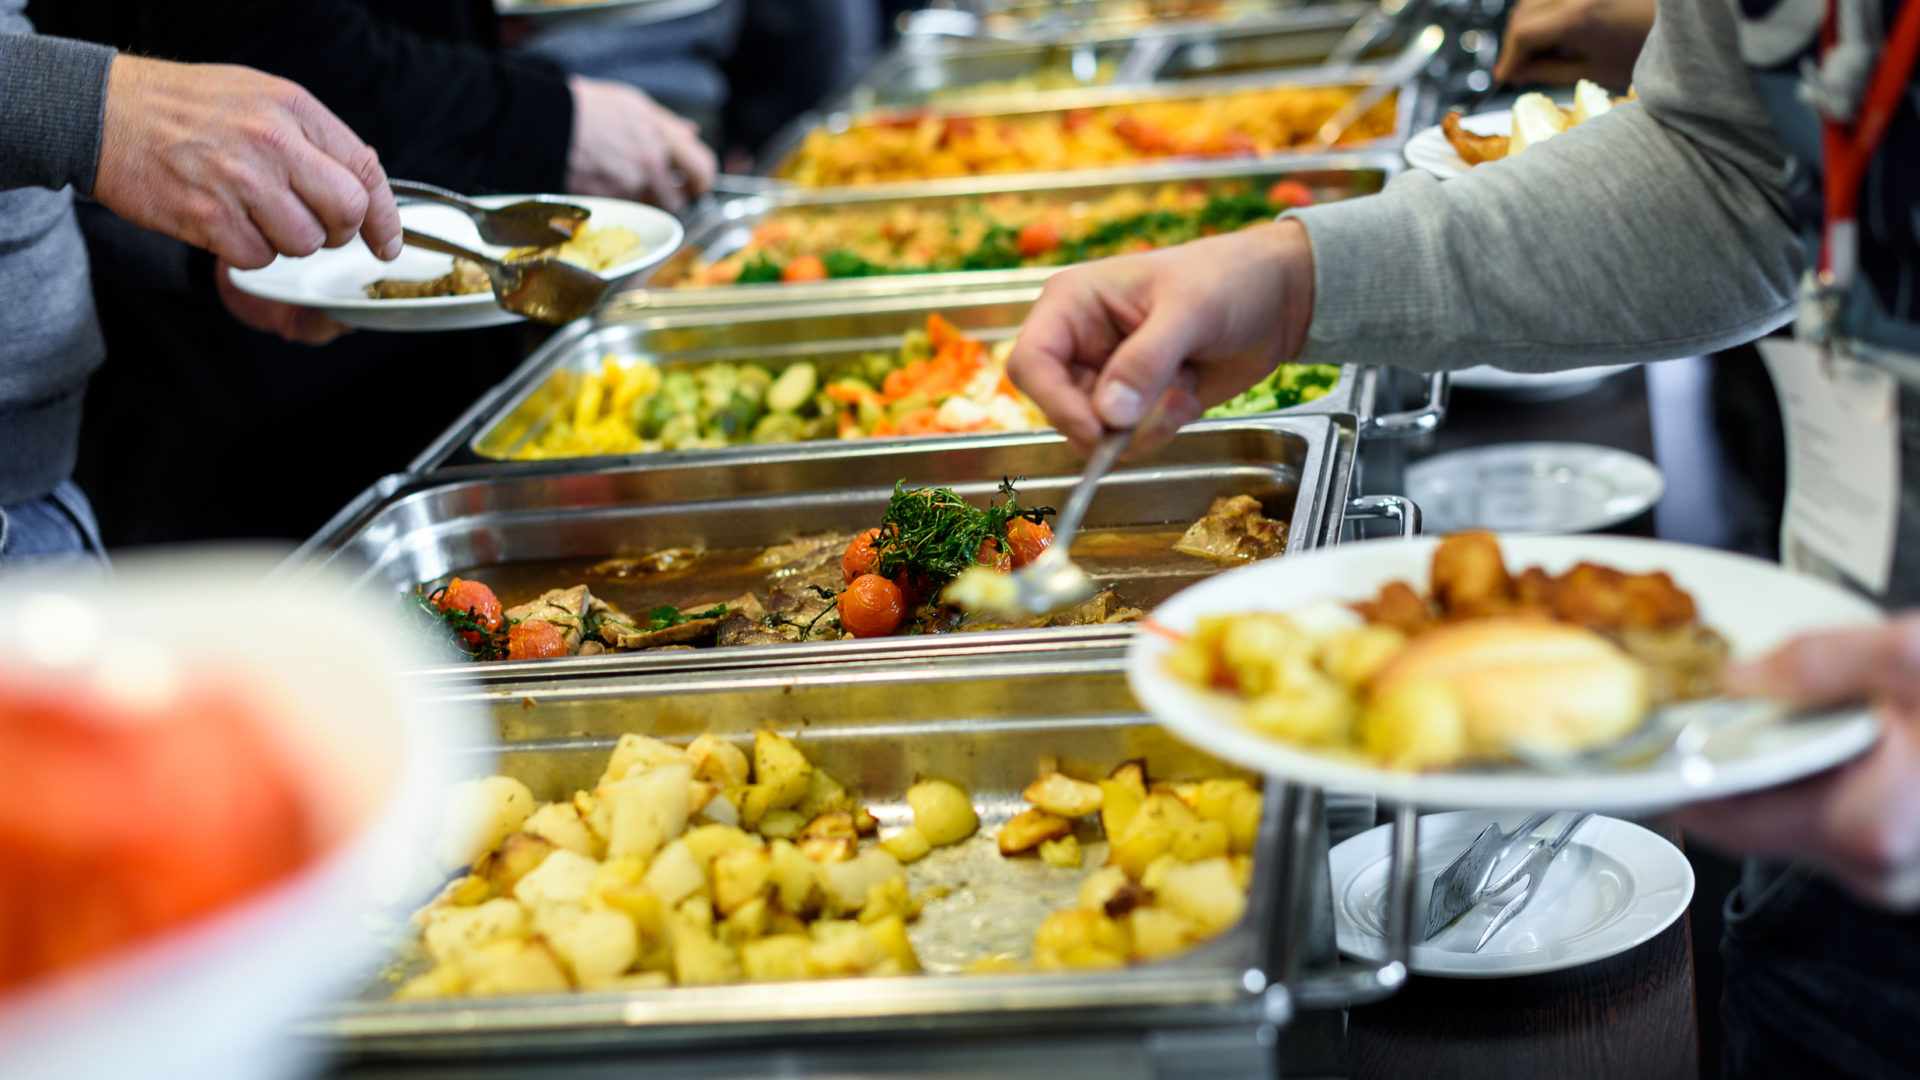 Erityisruokavalio voidaan merkitä eri tavoin, mikä hämmentää kuluttajia.